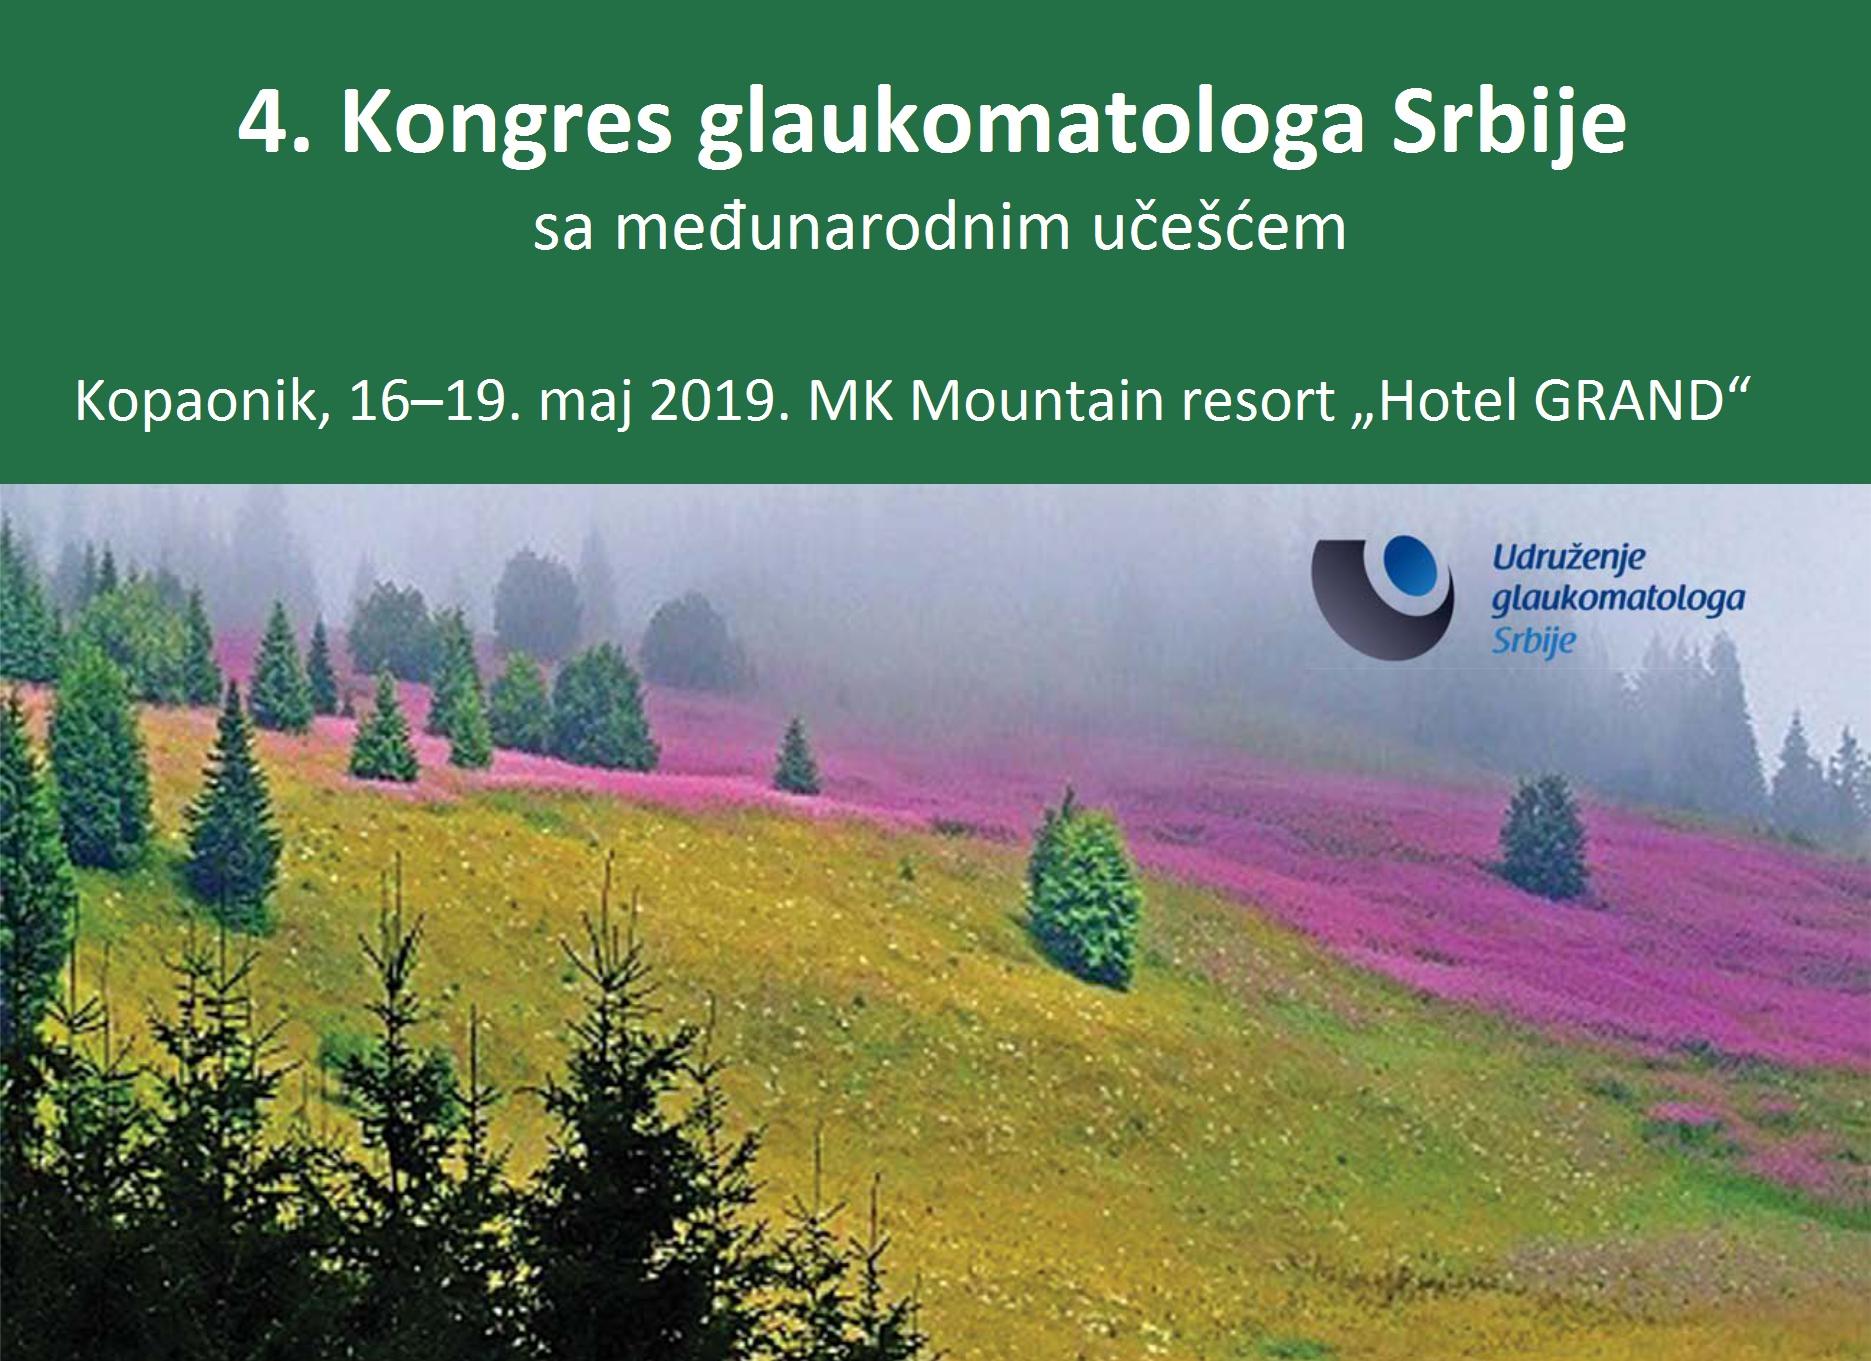 4. Kongres glaukomatologa Srbije sa međunarodnim učešćem, MAY 2019